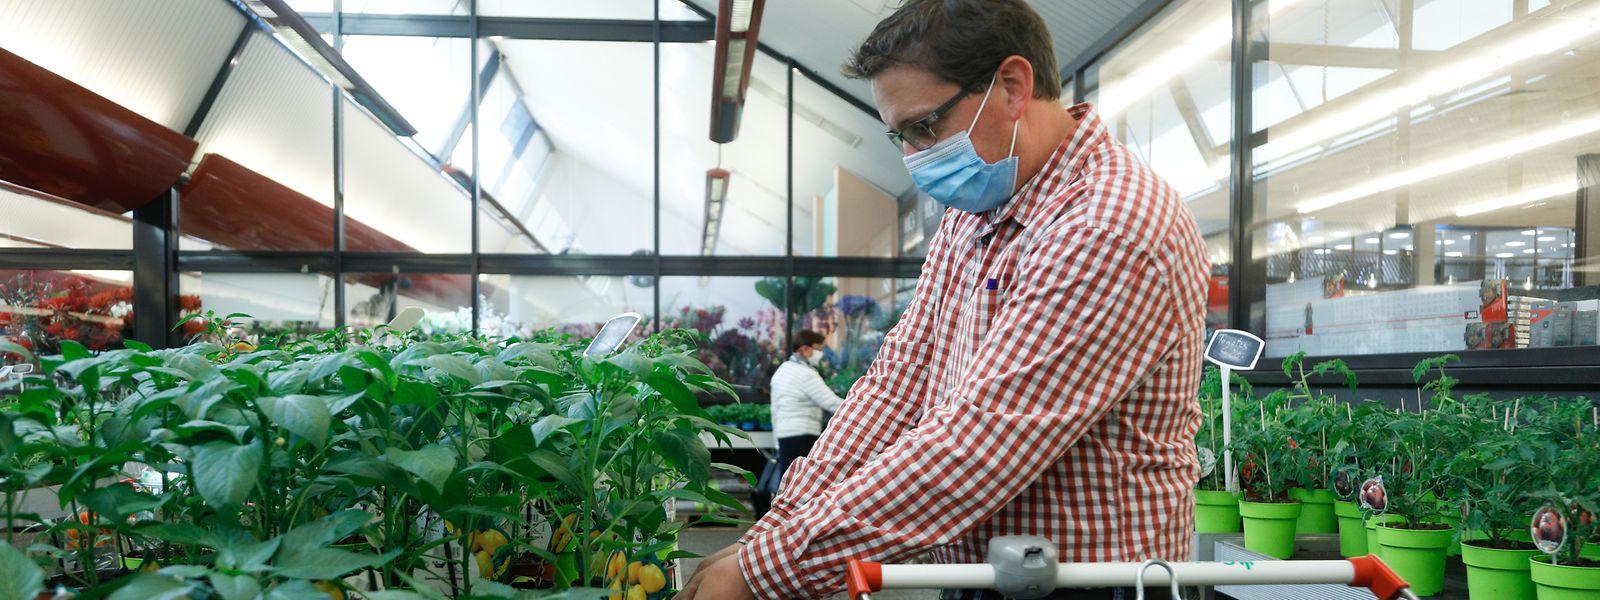 Les enseignes de bricolage-jardinage ne sont plus concernées par la possibilité d'allongement du temps de travail.